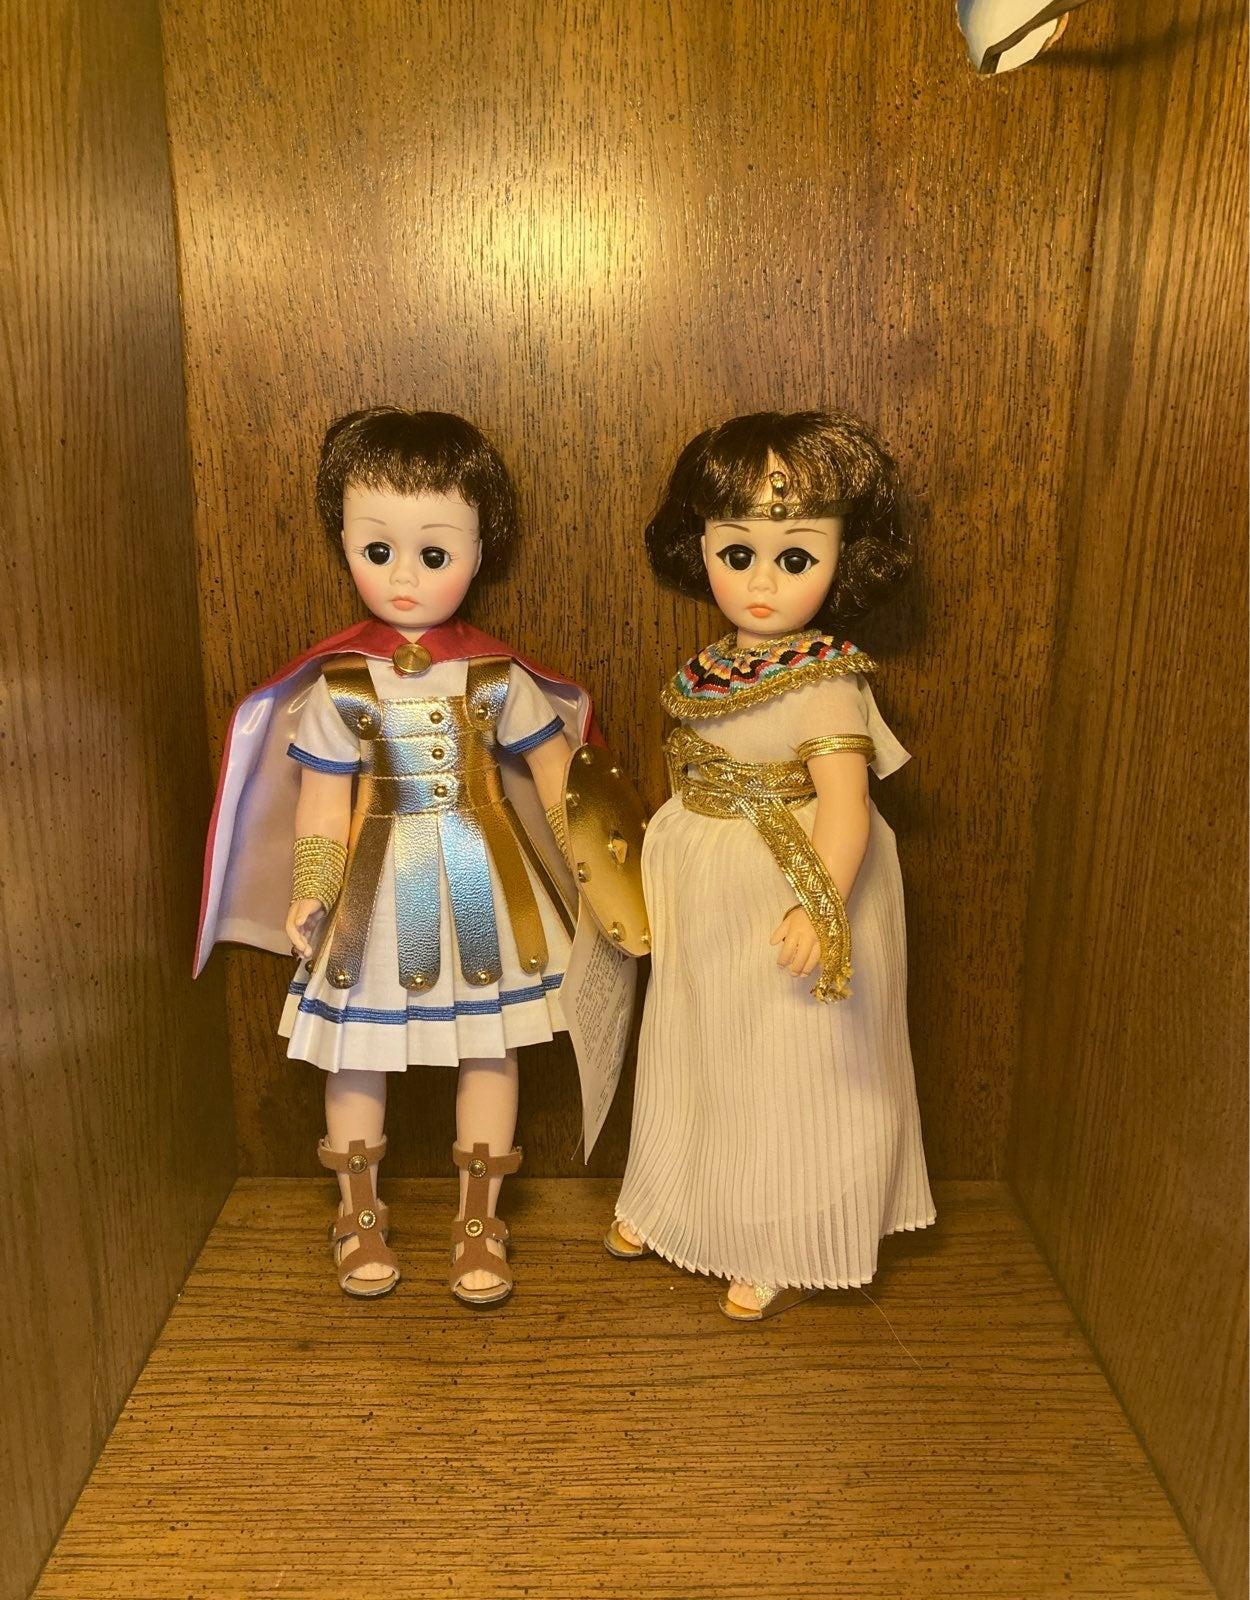 Cleopatra / Antony Dolls